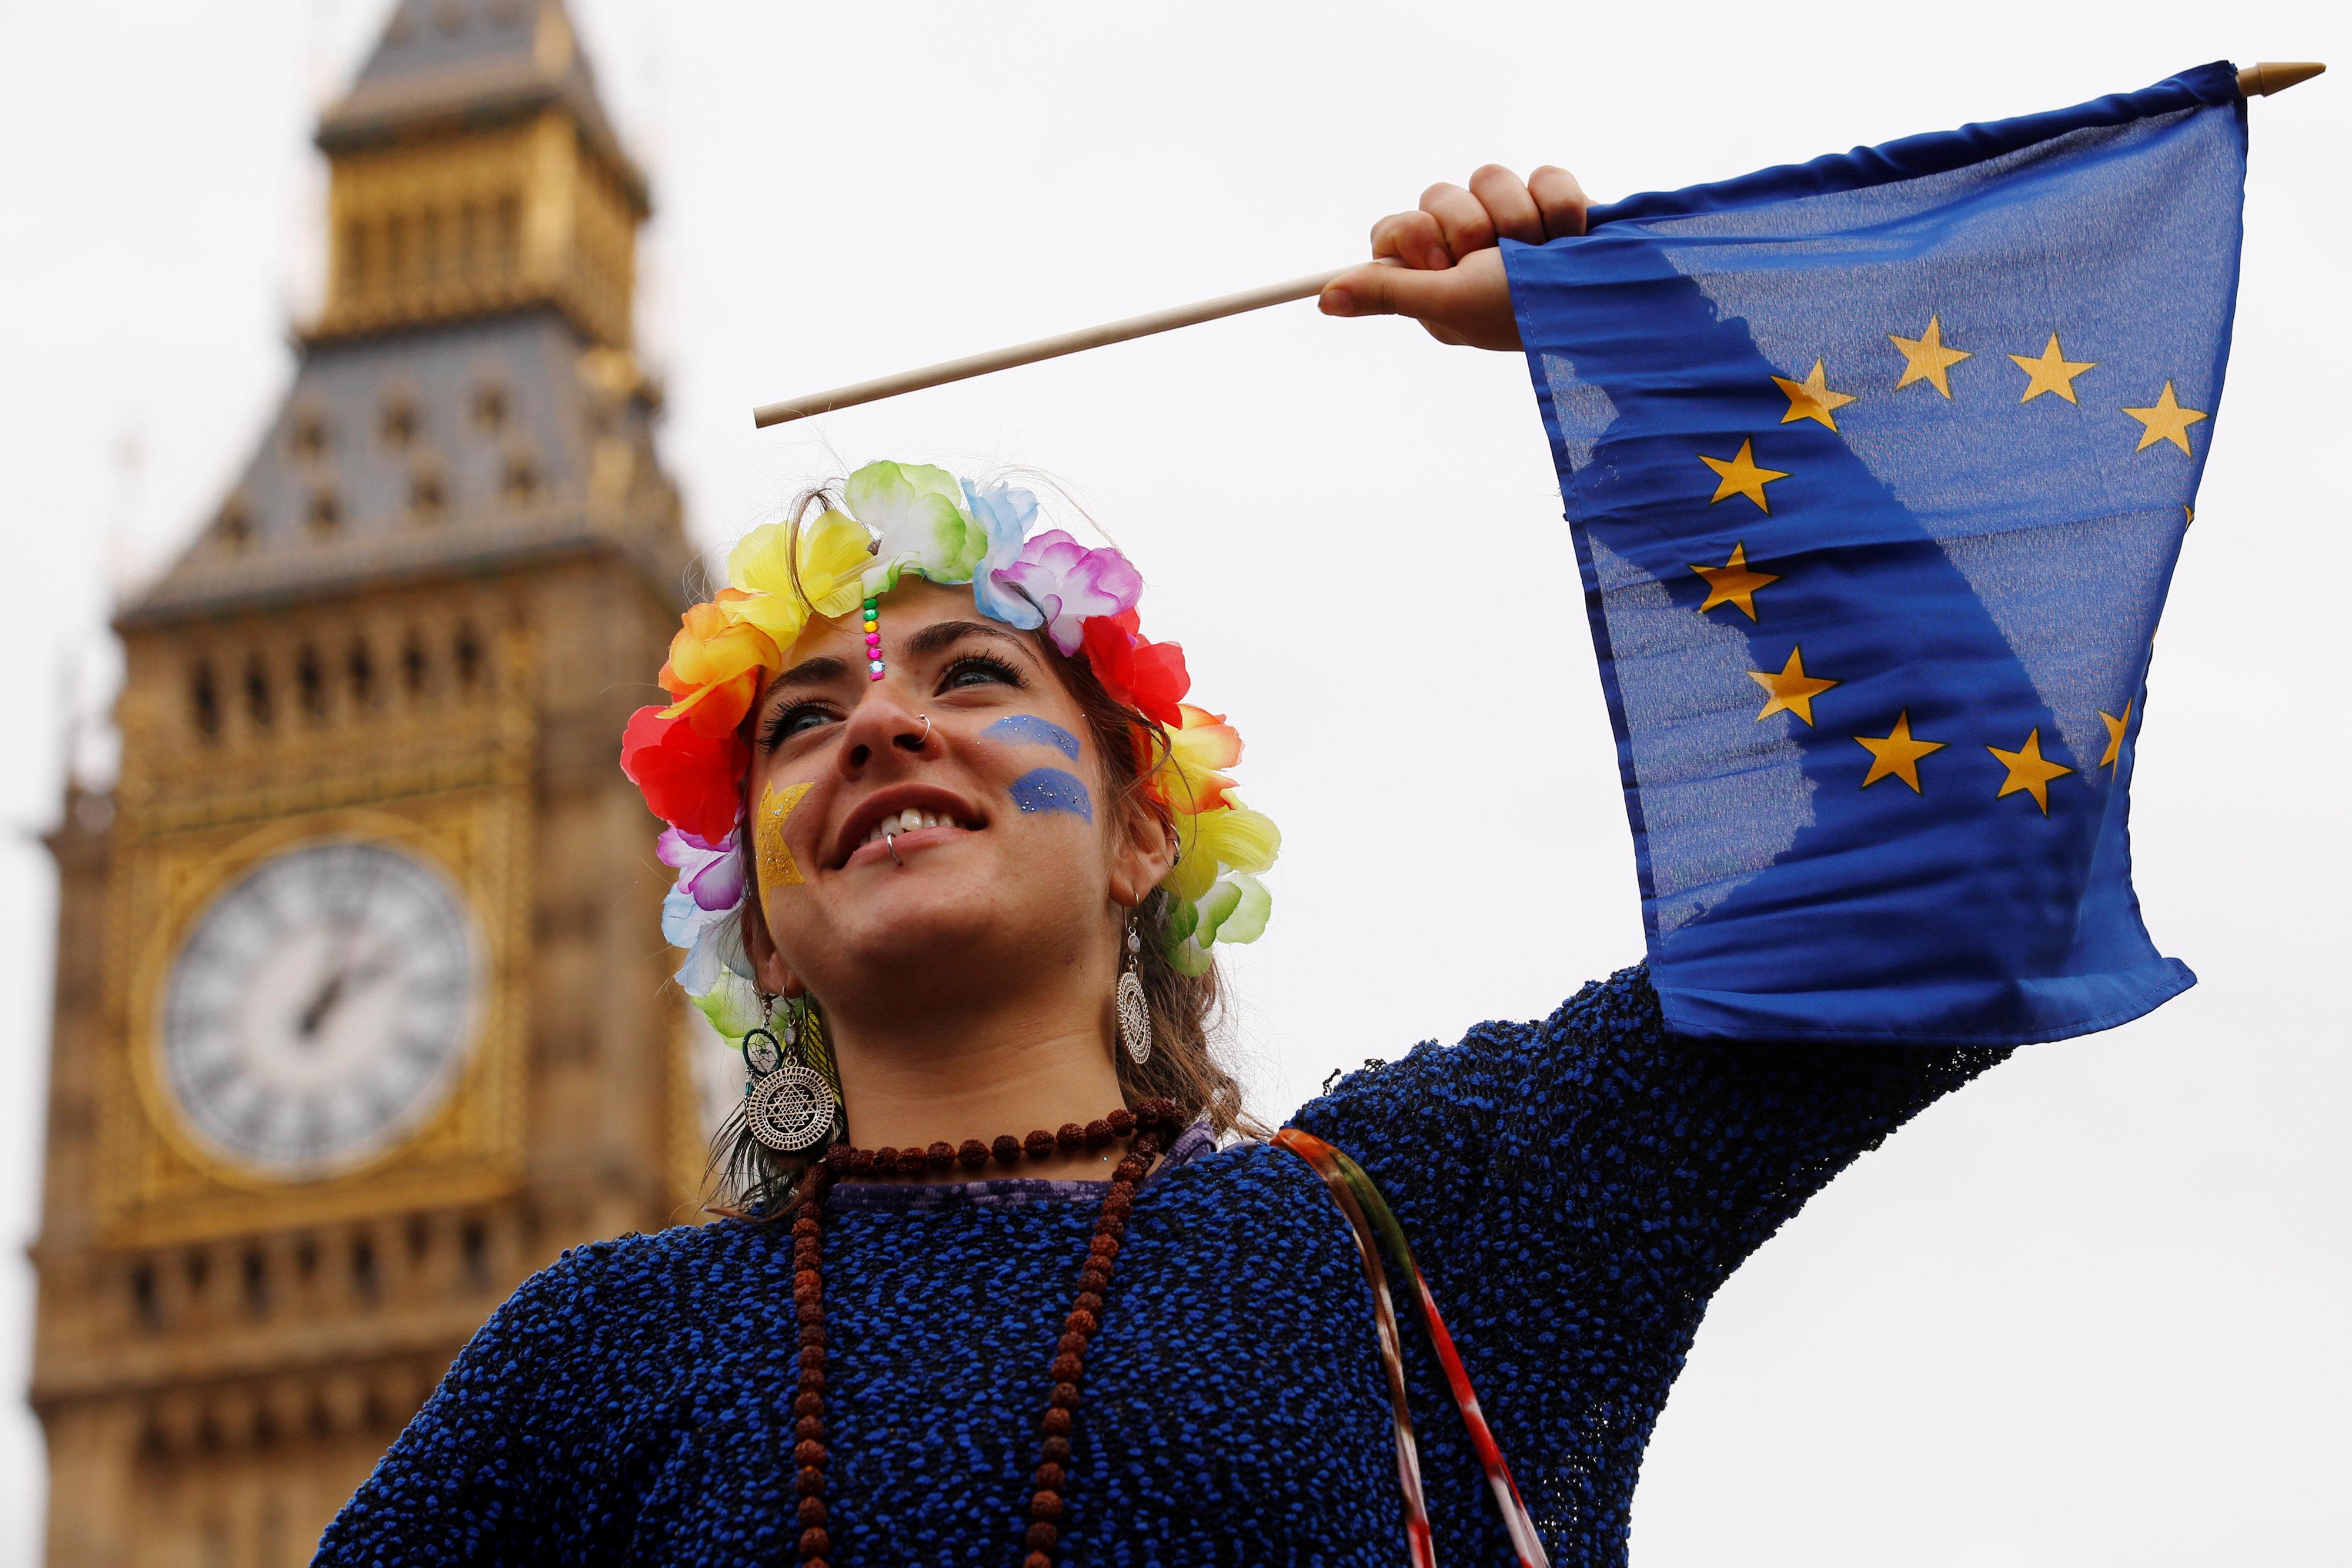 Se quiser ter um futuro, a UE não pode abrir mão de seus valores